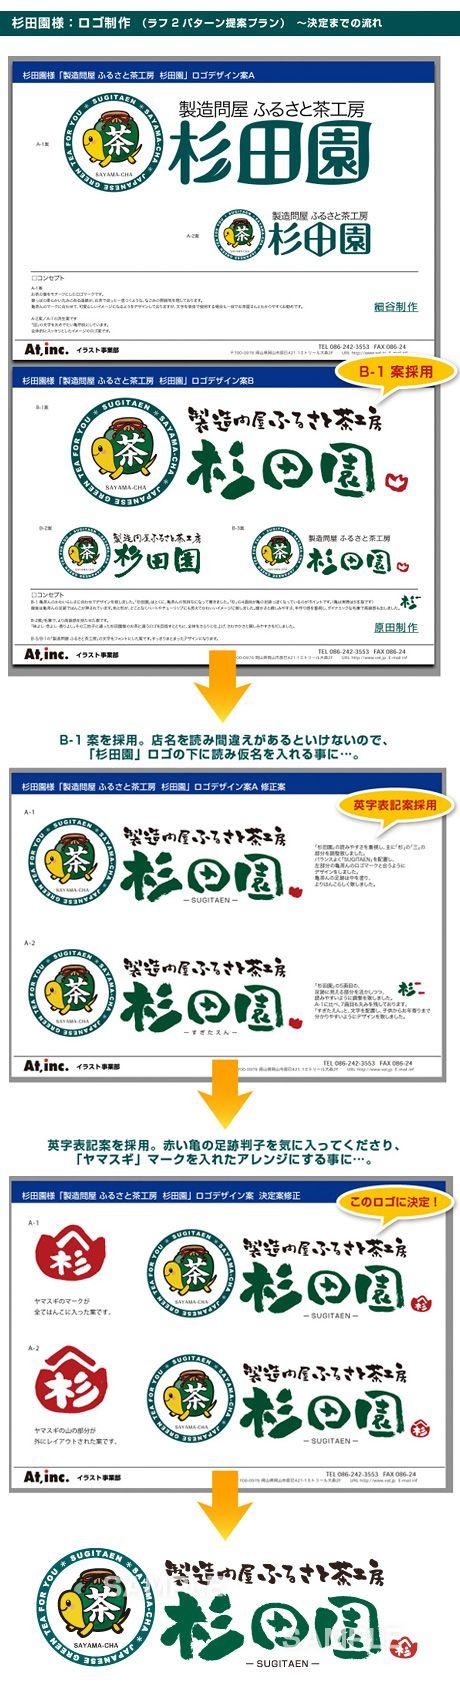 R06-5 サイト用ロゴデザイン ご提案資料